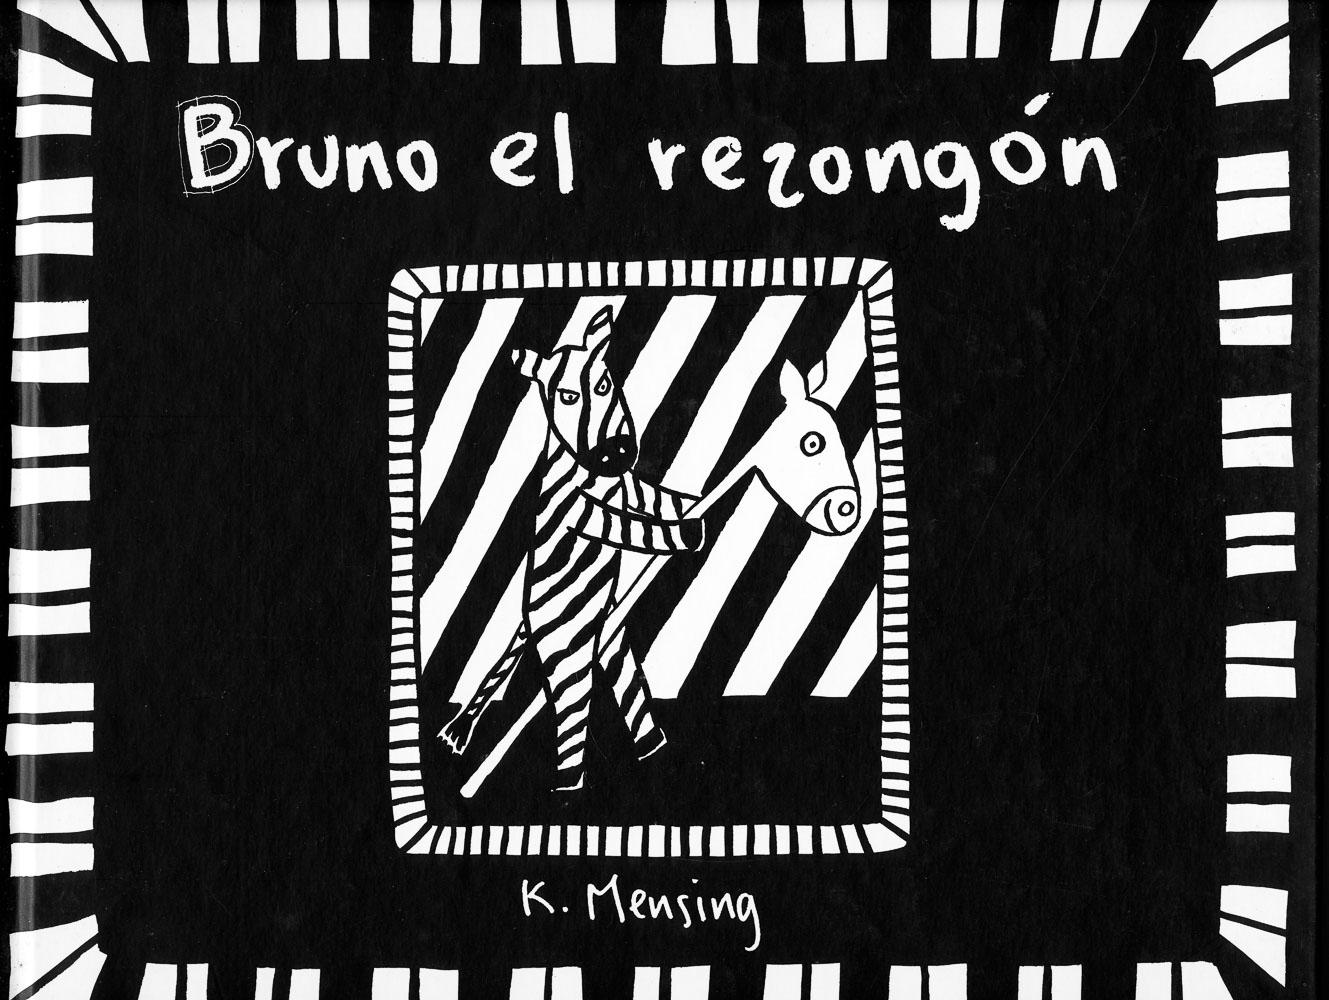 Bruno ist brummig 1